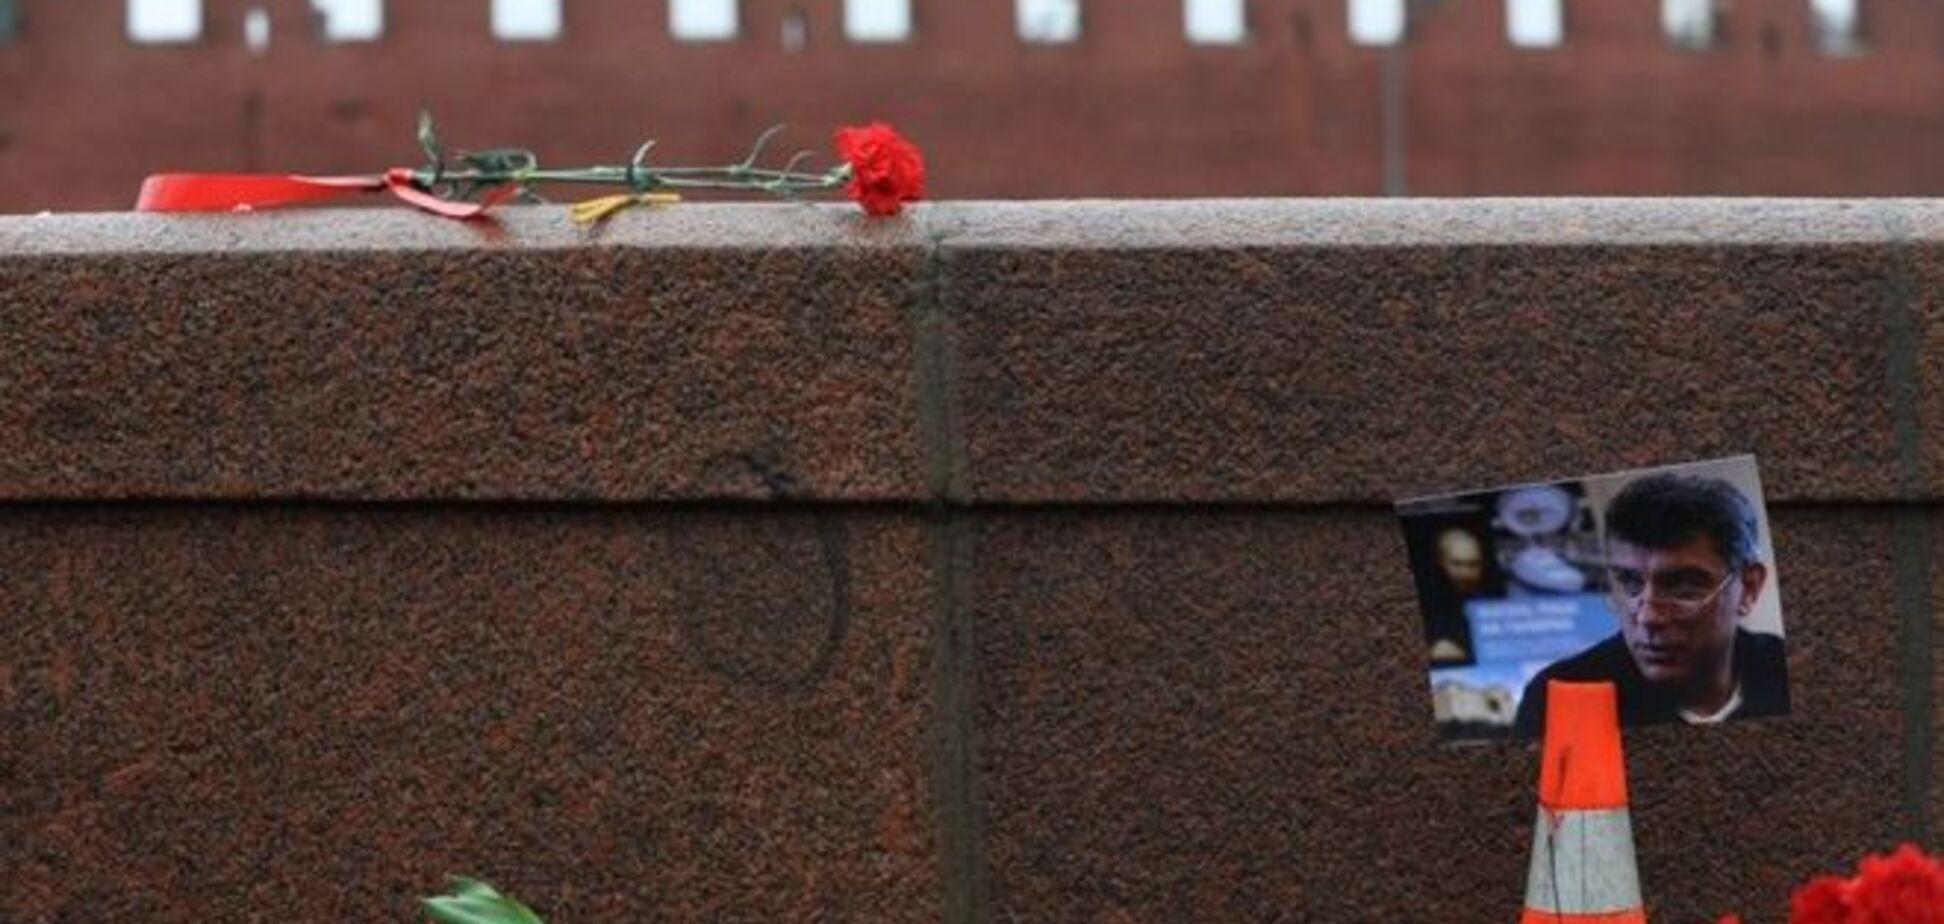 Соратник об убийстве Немцова: мы знаем, кто несет ответственность